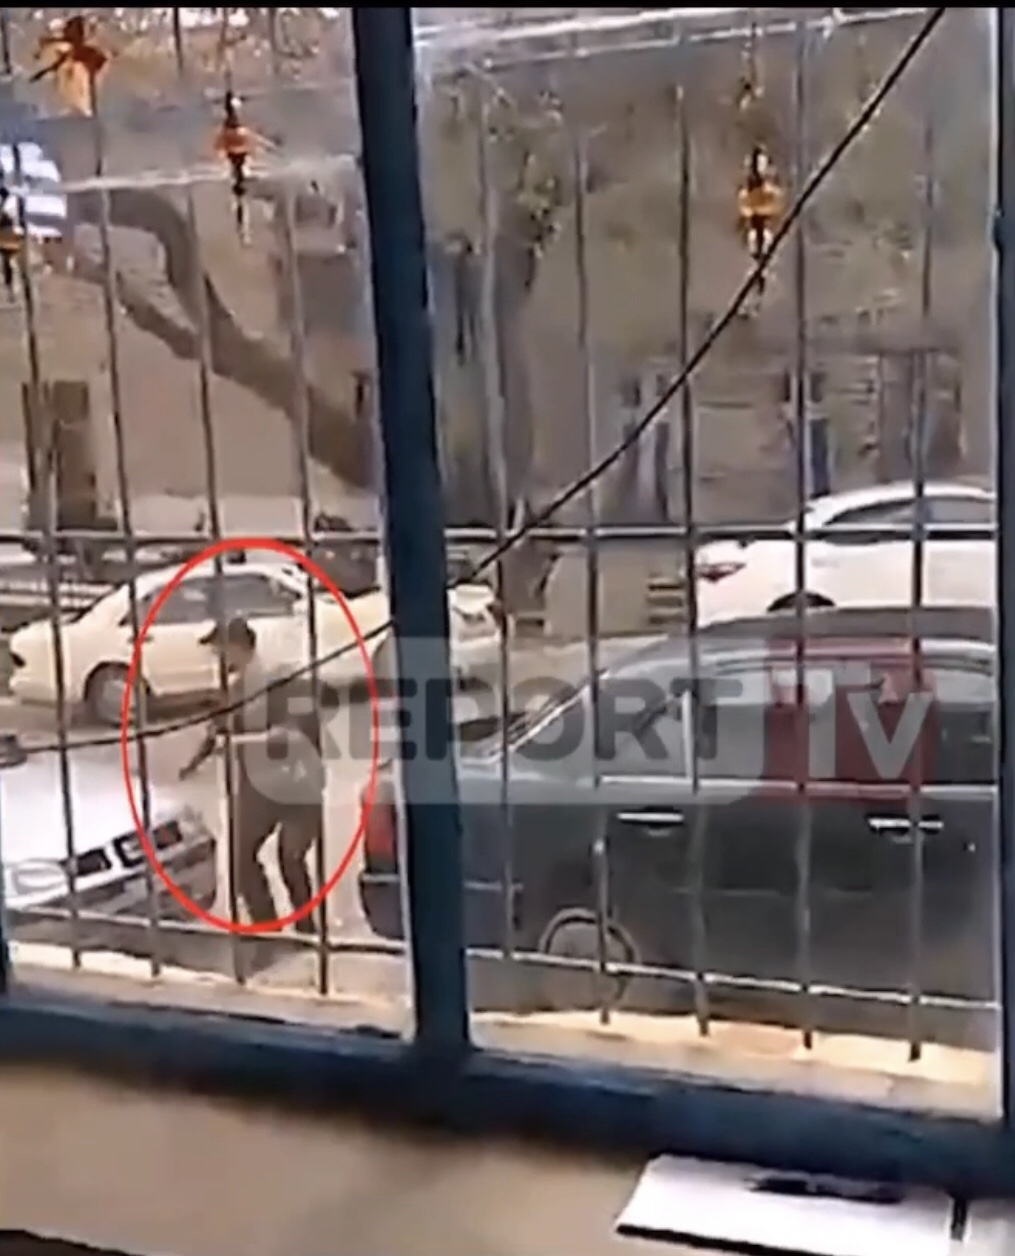 ΚΩΝΣΤΑΝΤΙΝΟΣ ΚΑΤΣΙΦΑΣ